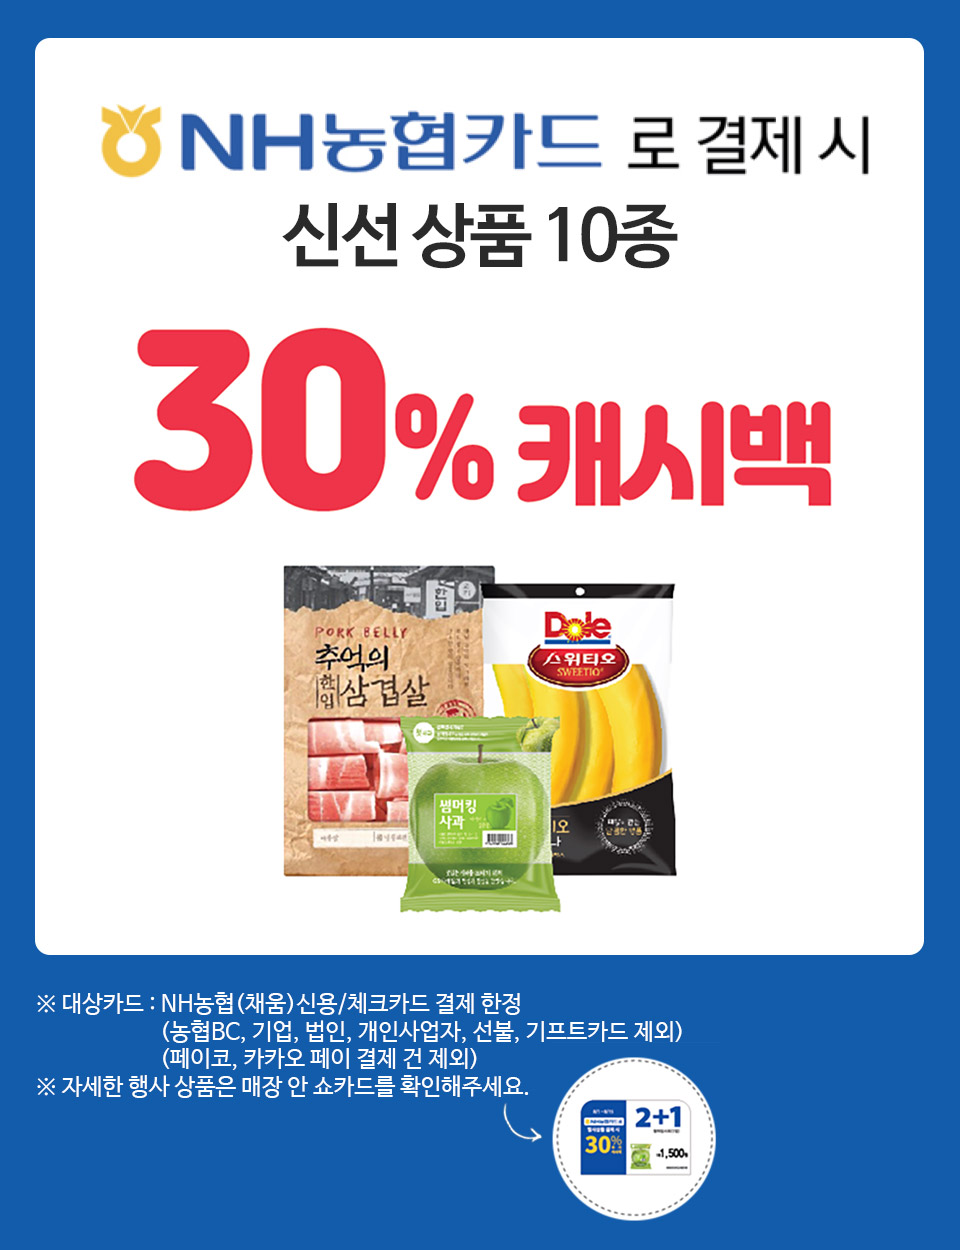 NH농협카드로 결제 시 신선 상품 10종 30% 캐시백 - 하단 상세설명